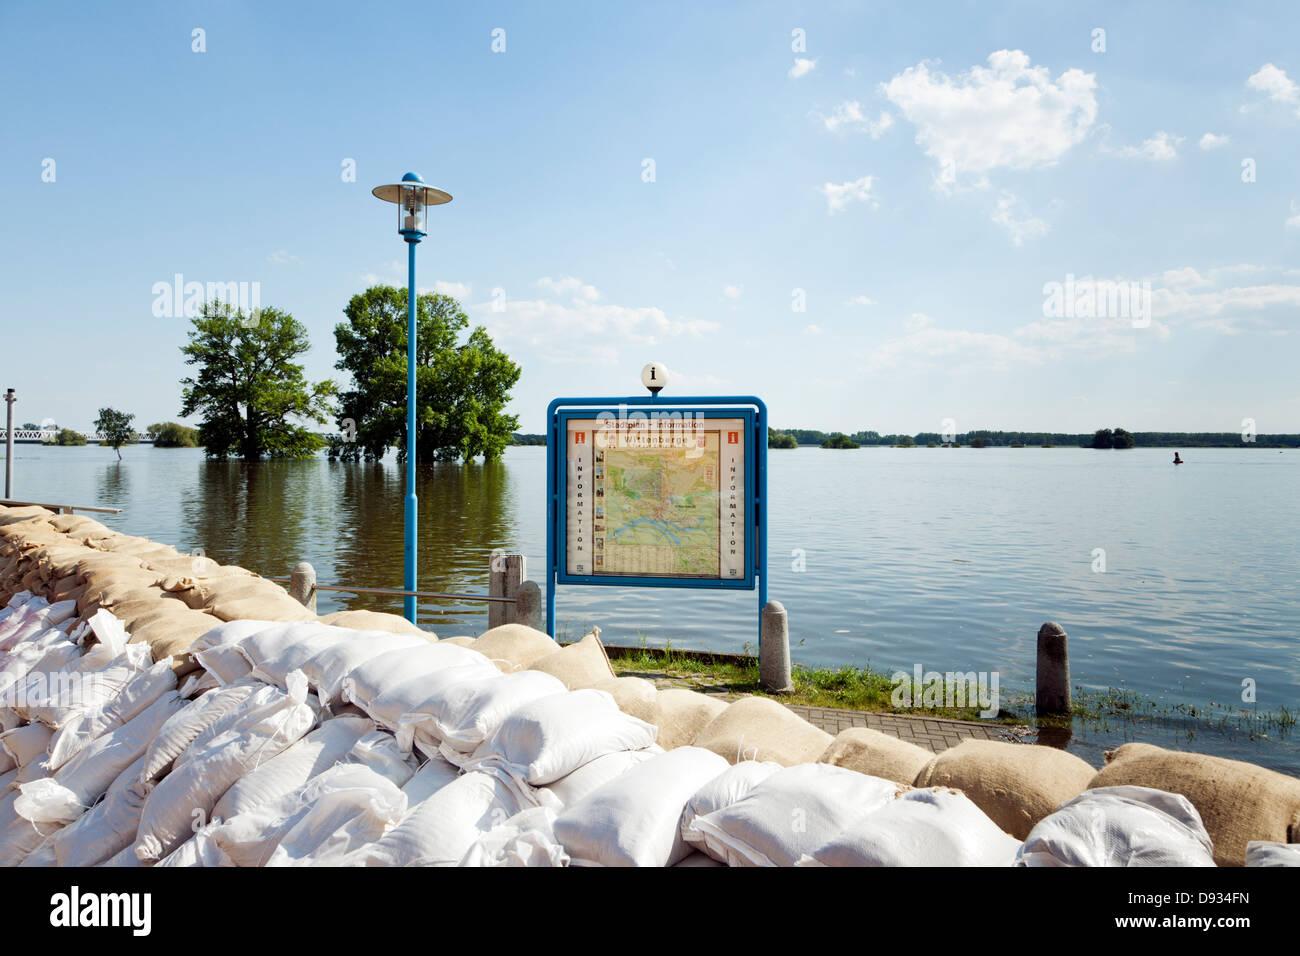 La carte de la ville de Wittenberge inondées par le fleuve Elbe, sacs de sable en premier plan Photo Stock